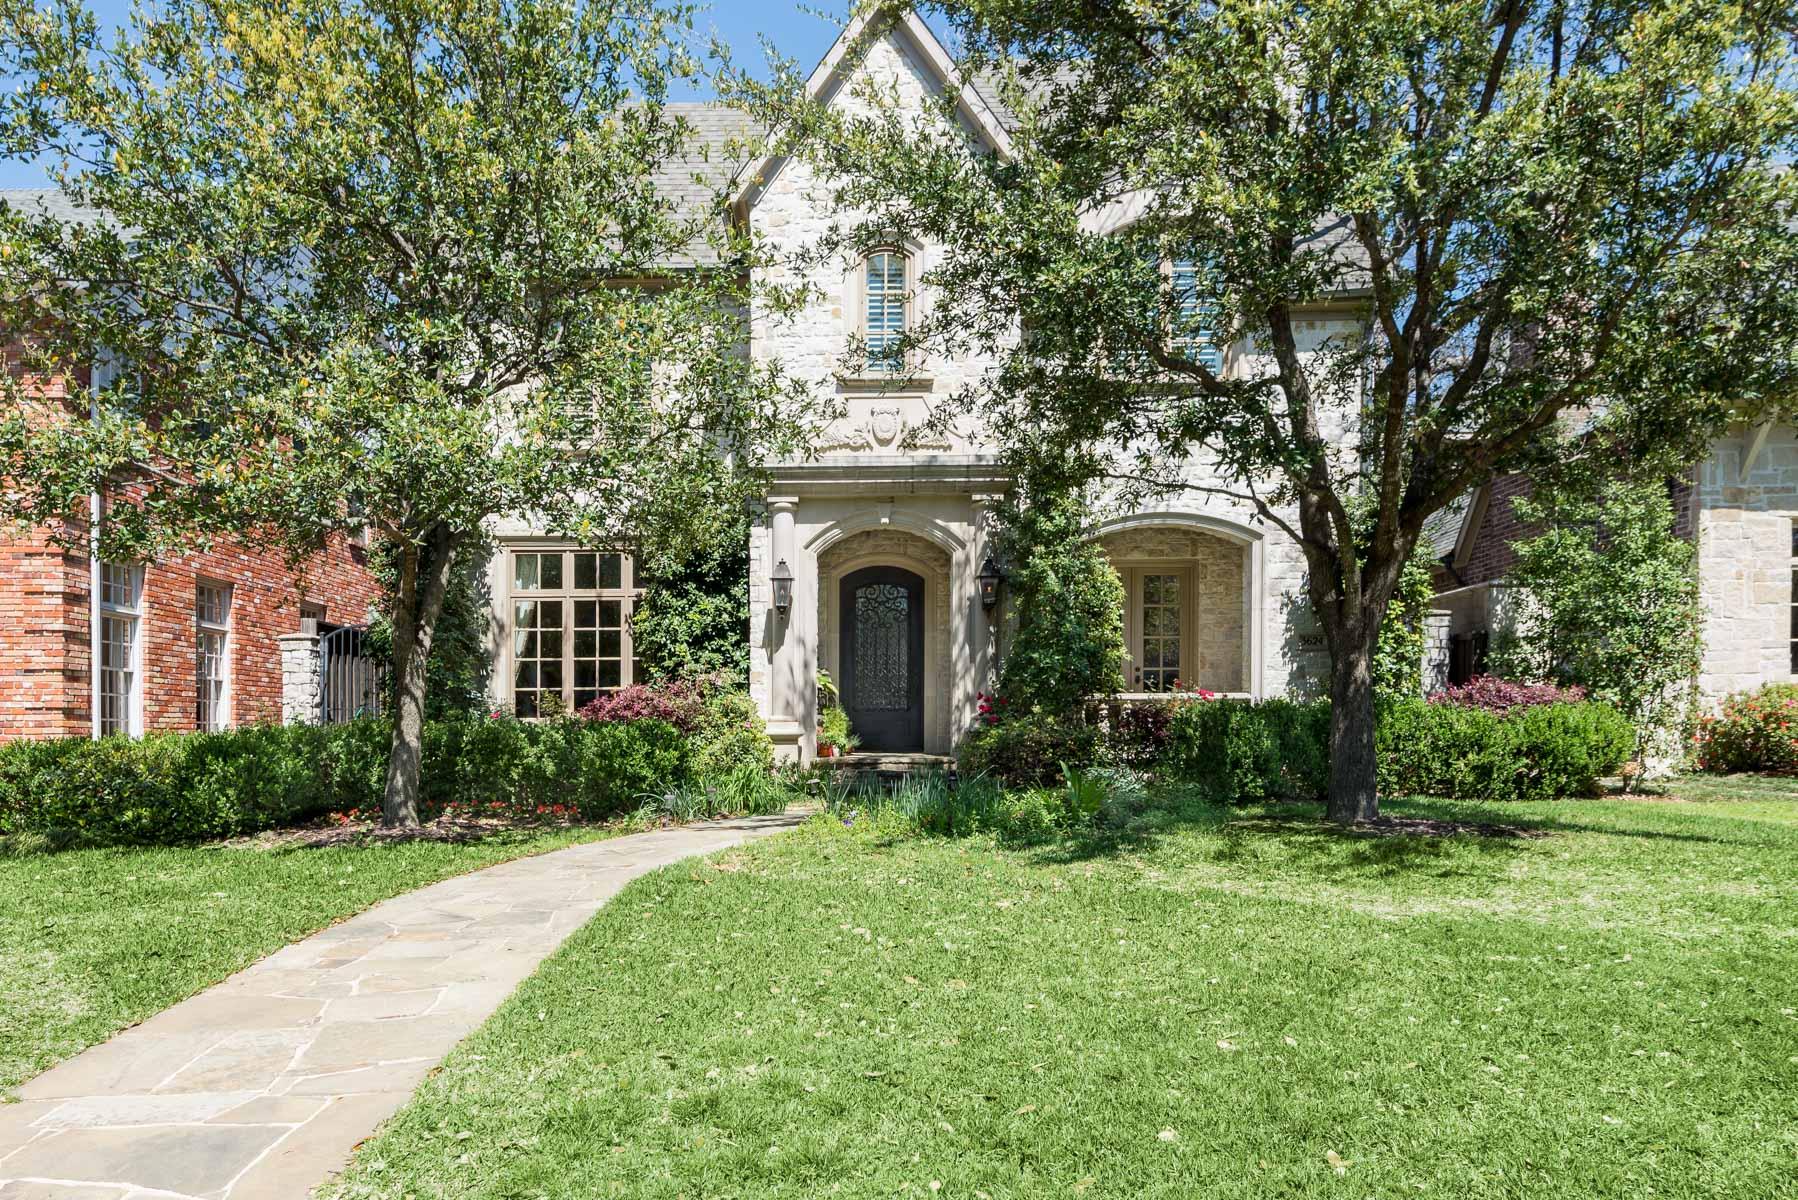 Einfamilienhaus für Verkauf beim 2005 Custom Built Highland Park Traditional 3624 Shenandoah St Dallas, Texas, 75205 Vereinigte Staaten